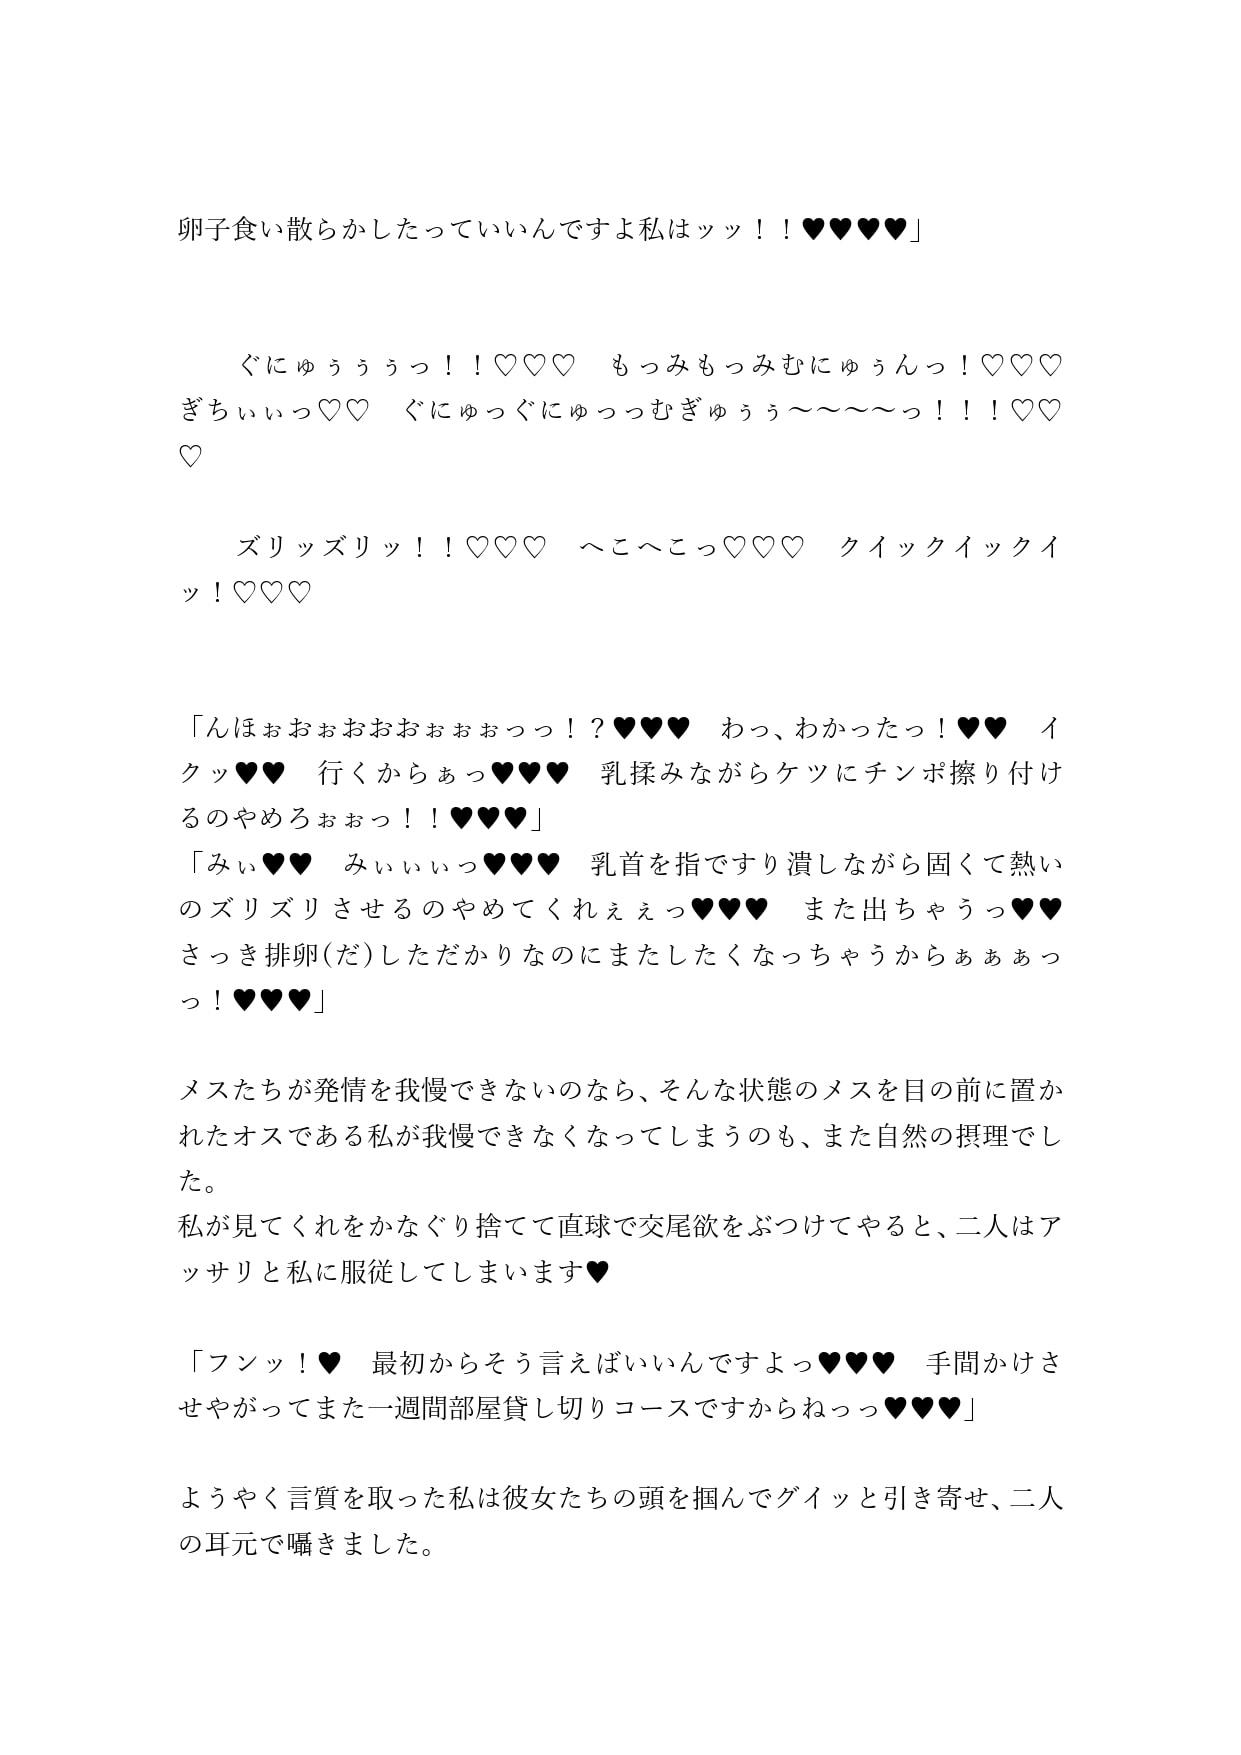 RJ330110 超乳みことじ夫婦は絶対『タマゴ』をぷりぷりお漏らししてオス寅に食べられたりなんかしない [20210606]